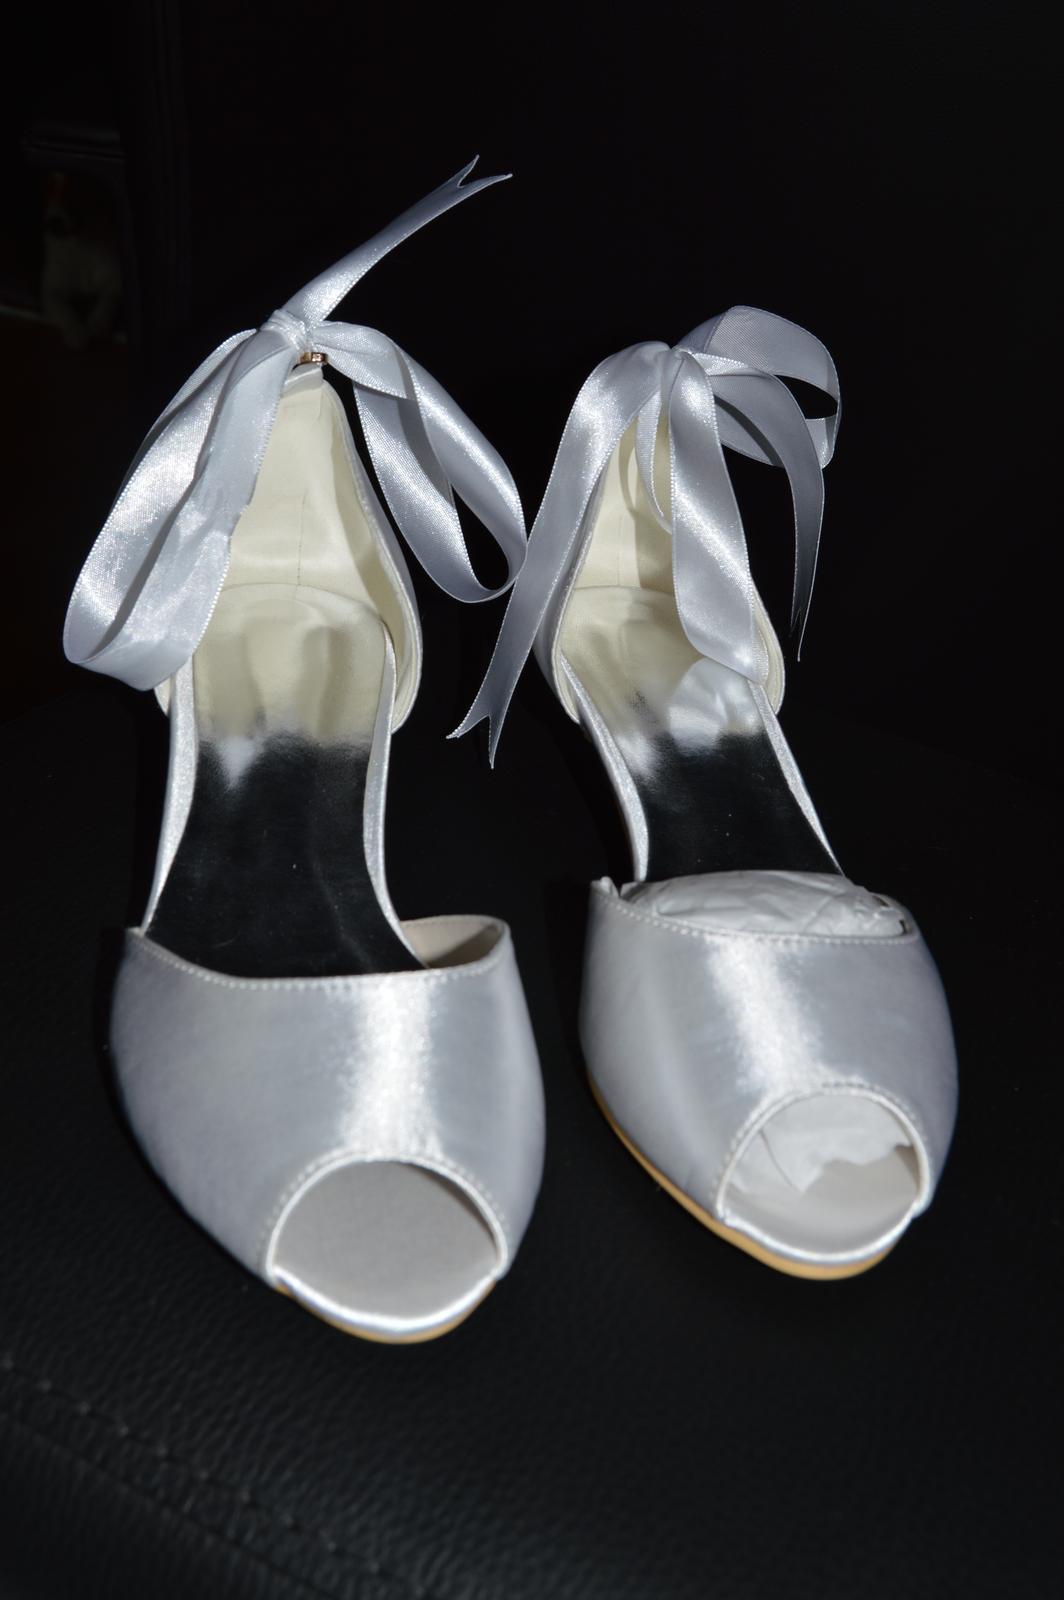 6ea1ffc53cc44 Svadobné topánky - 1 cm opatok, 35 - 35 €   Svadobný bazár   Mojasvadba.sk